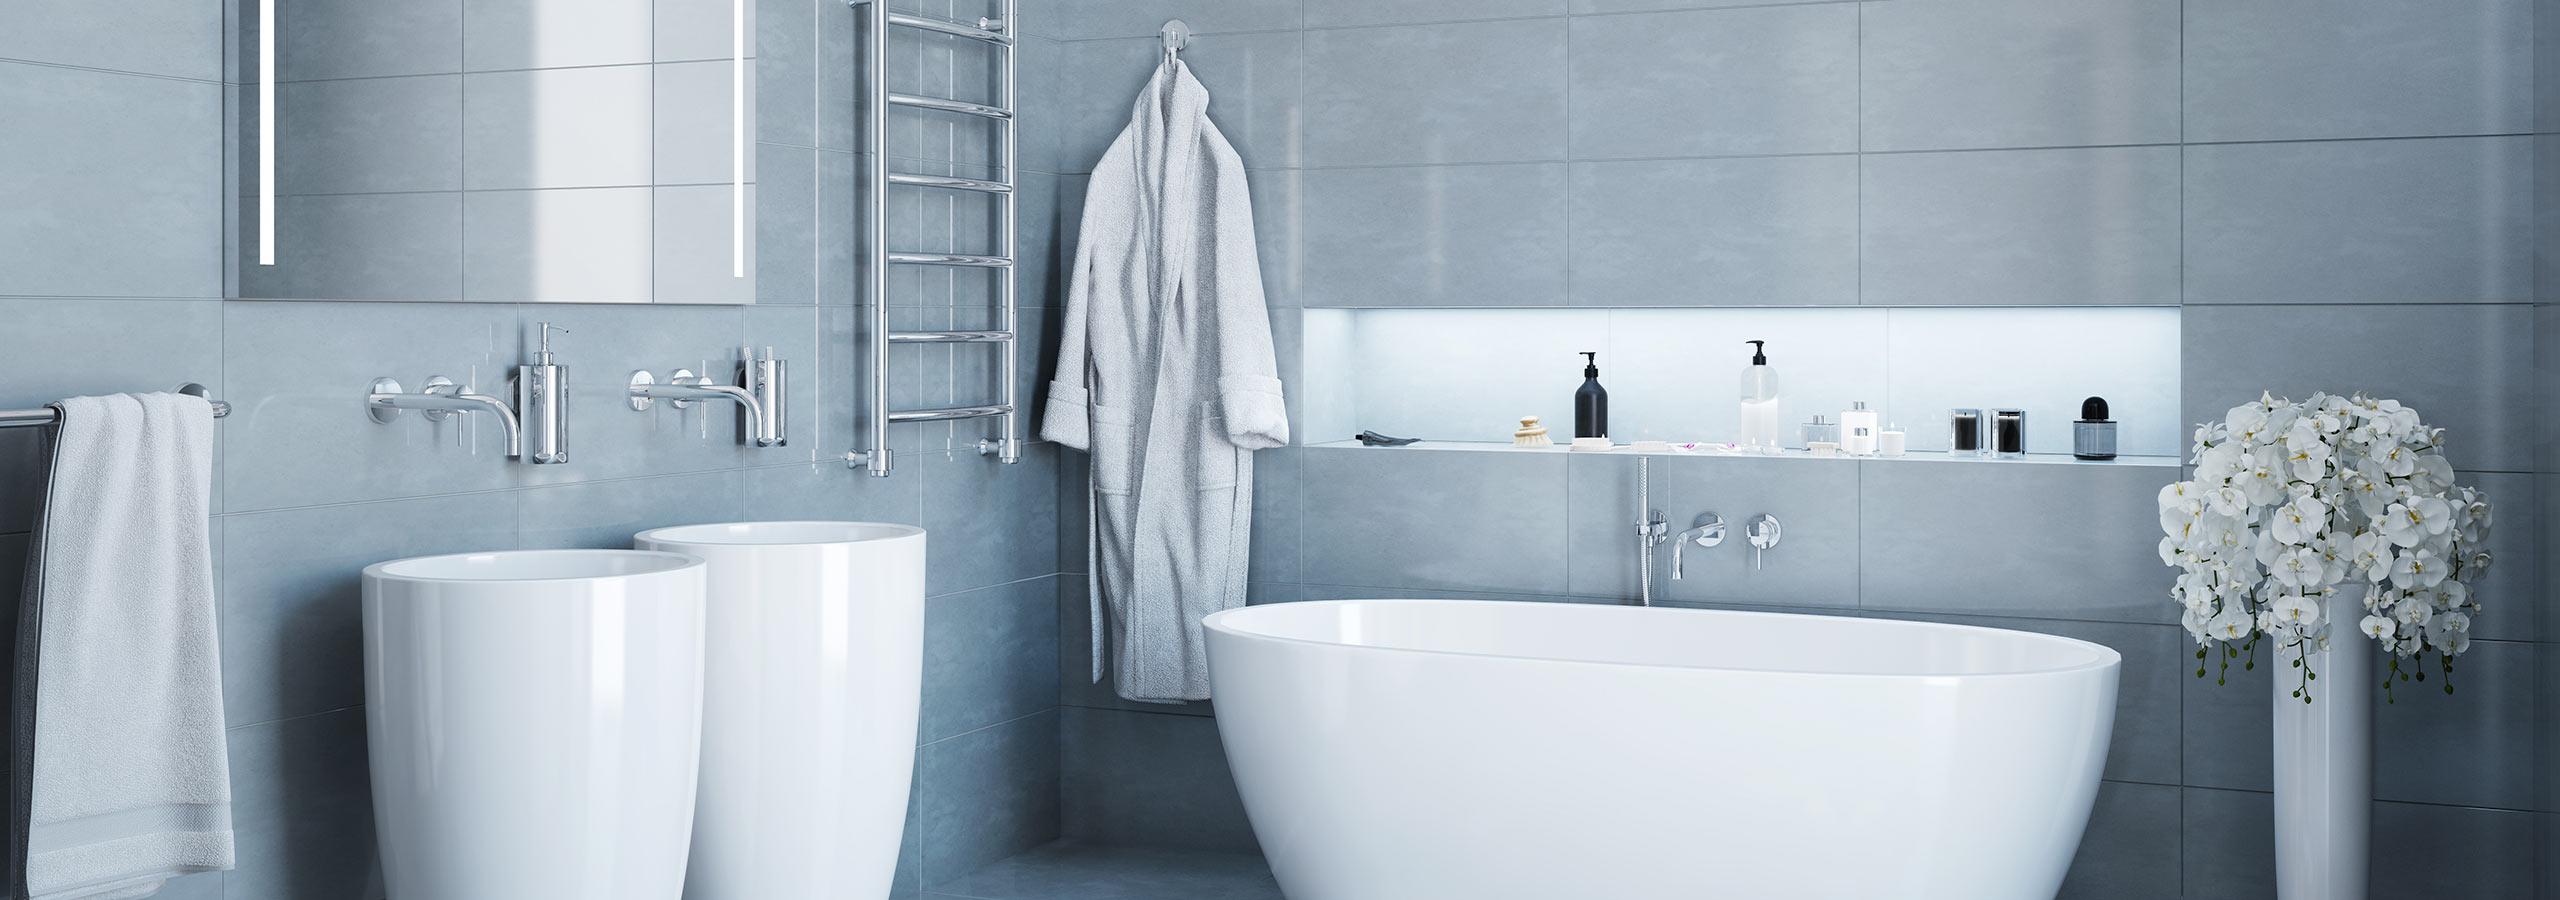 Badkamer verbouwen door de installateur uit Harlingen (Franeker)